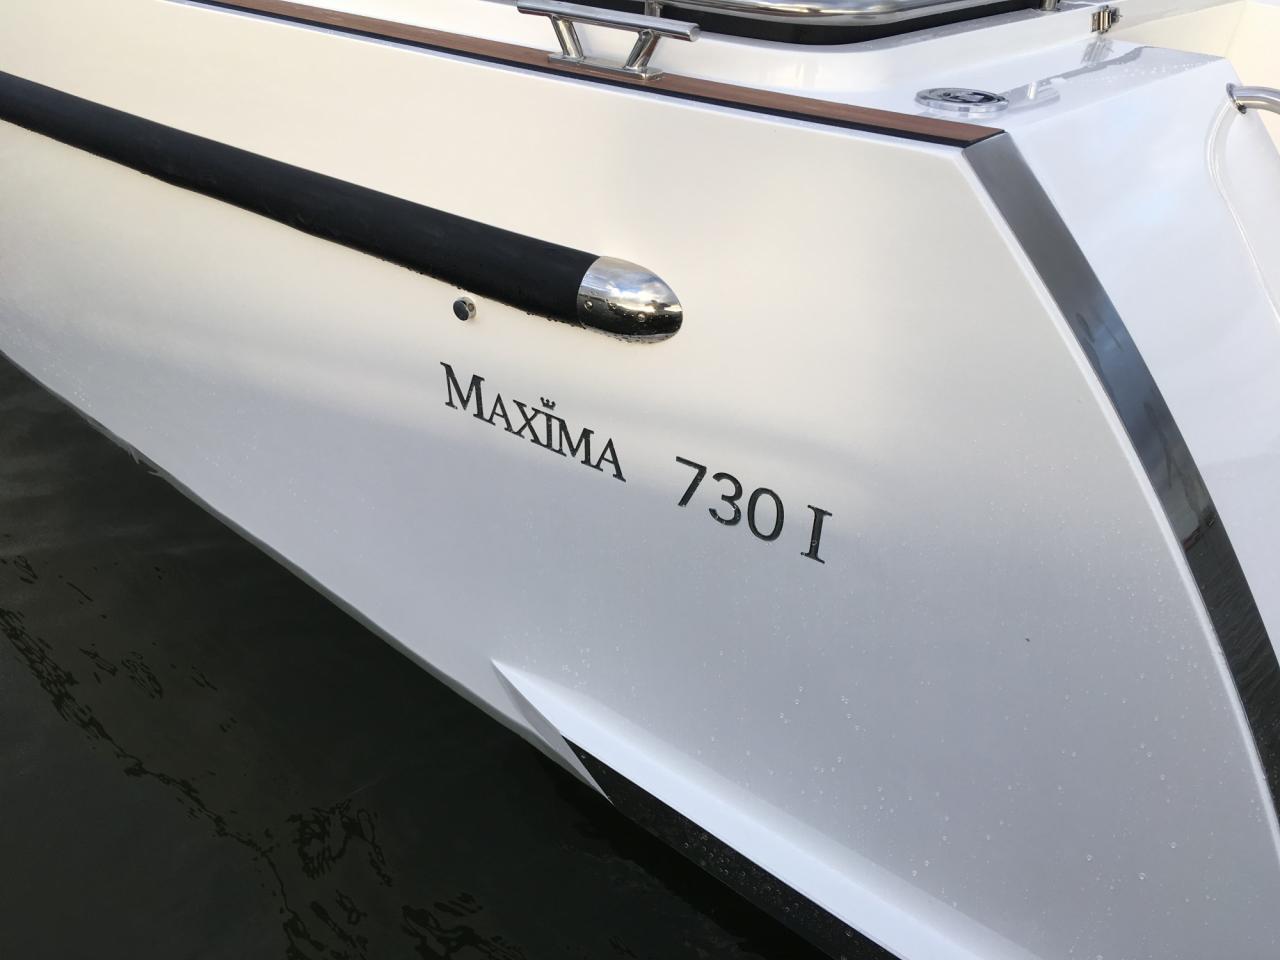 Maxima 730i 21